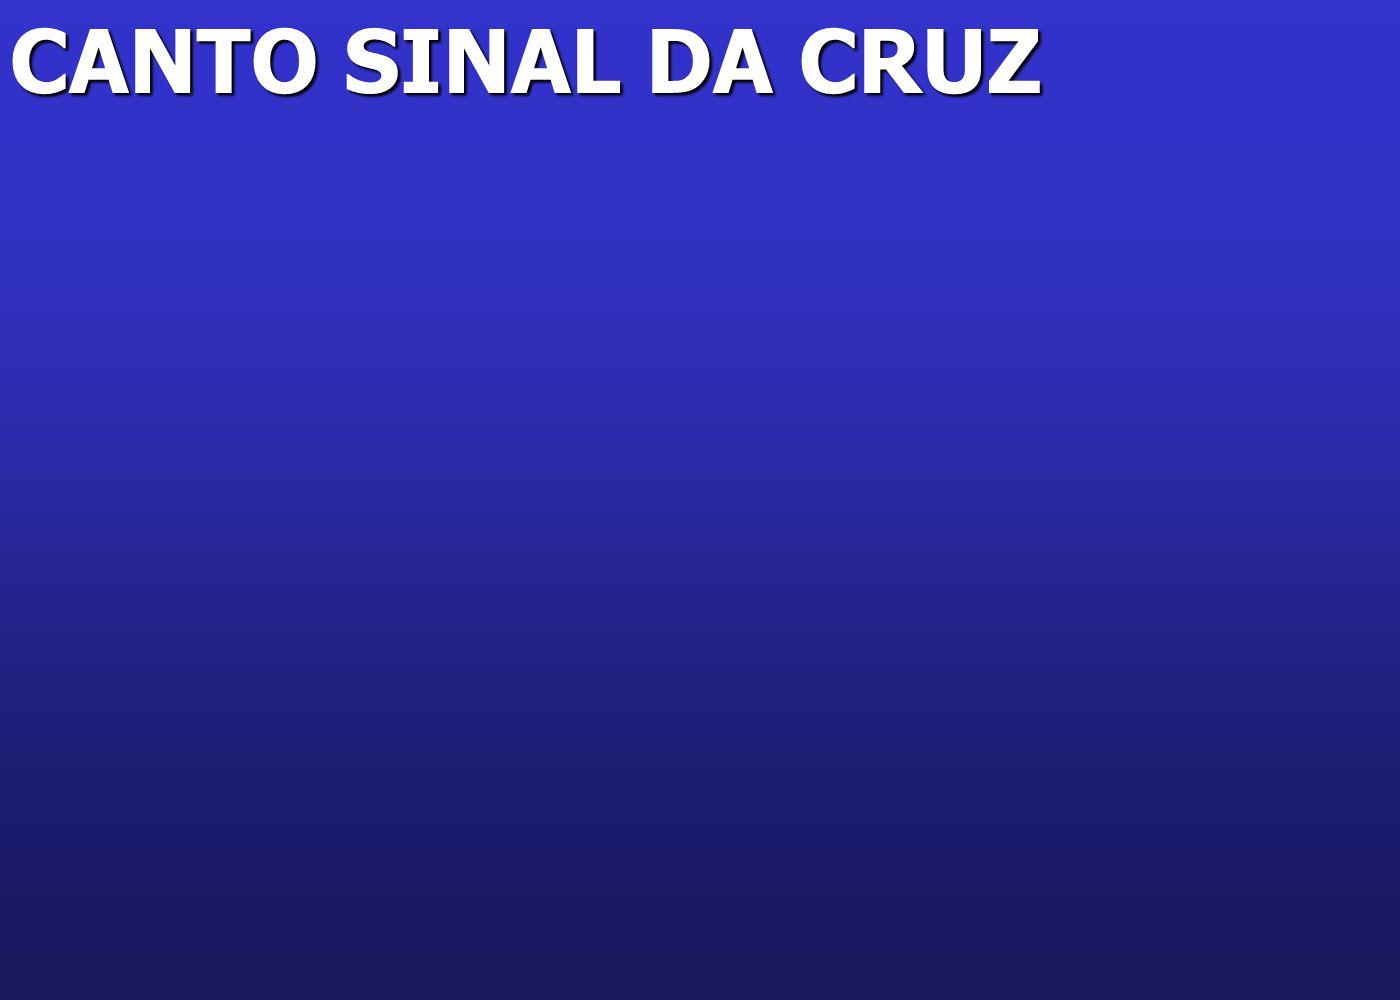 CANTO SINAL DA CRUZ